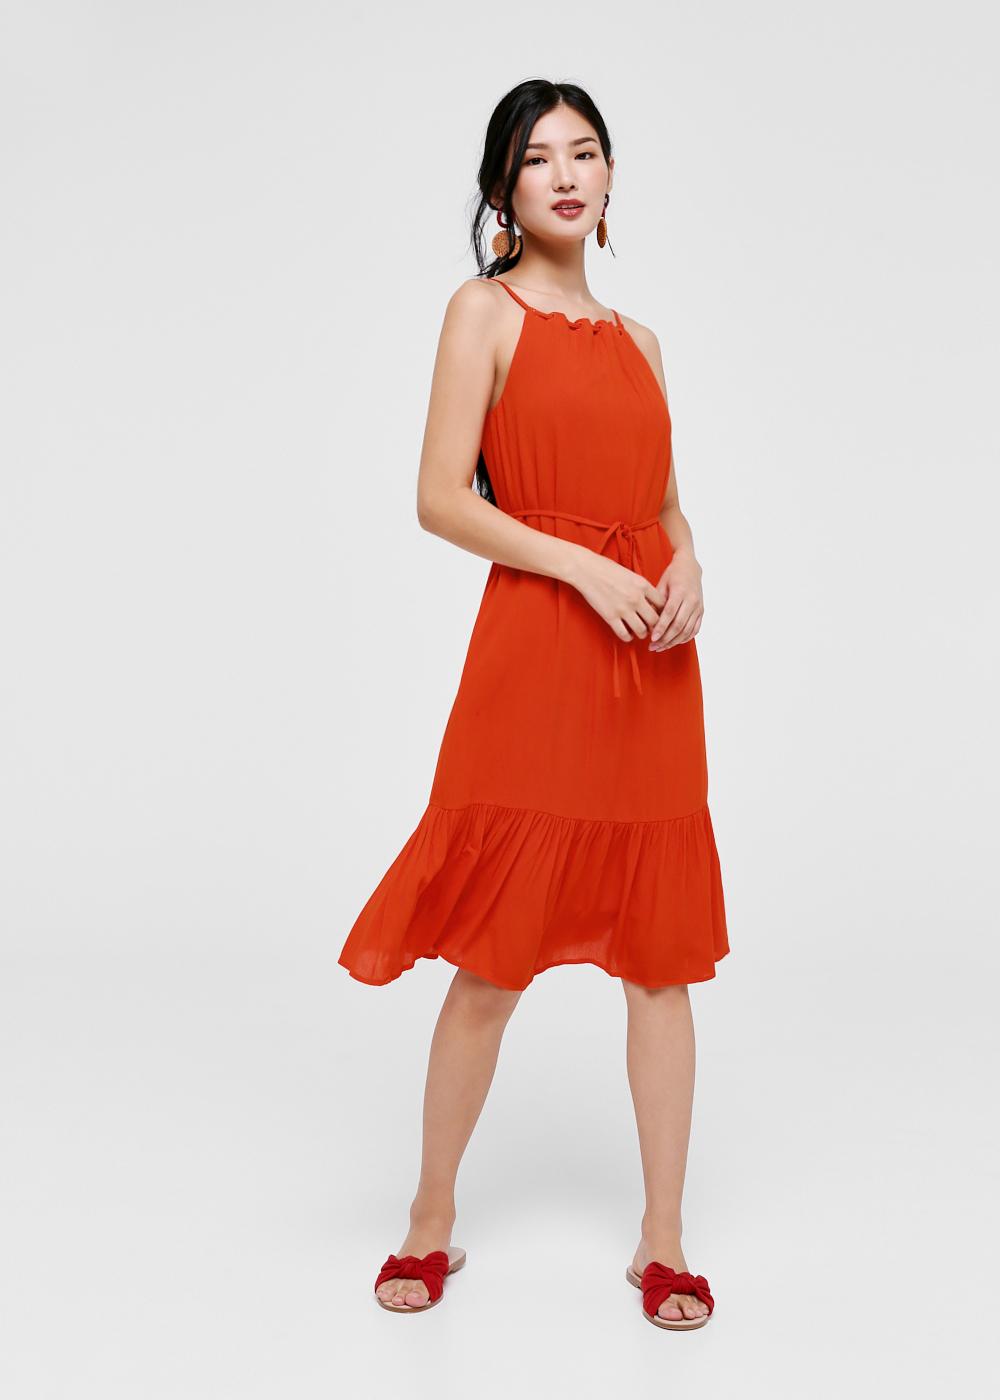 Adalie Textured Halter Neck Dress